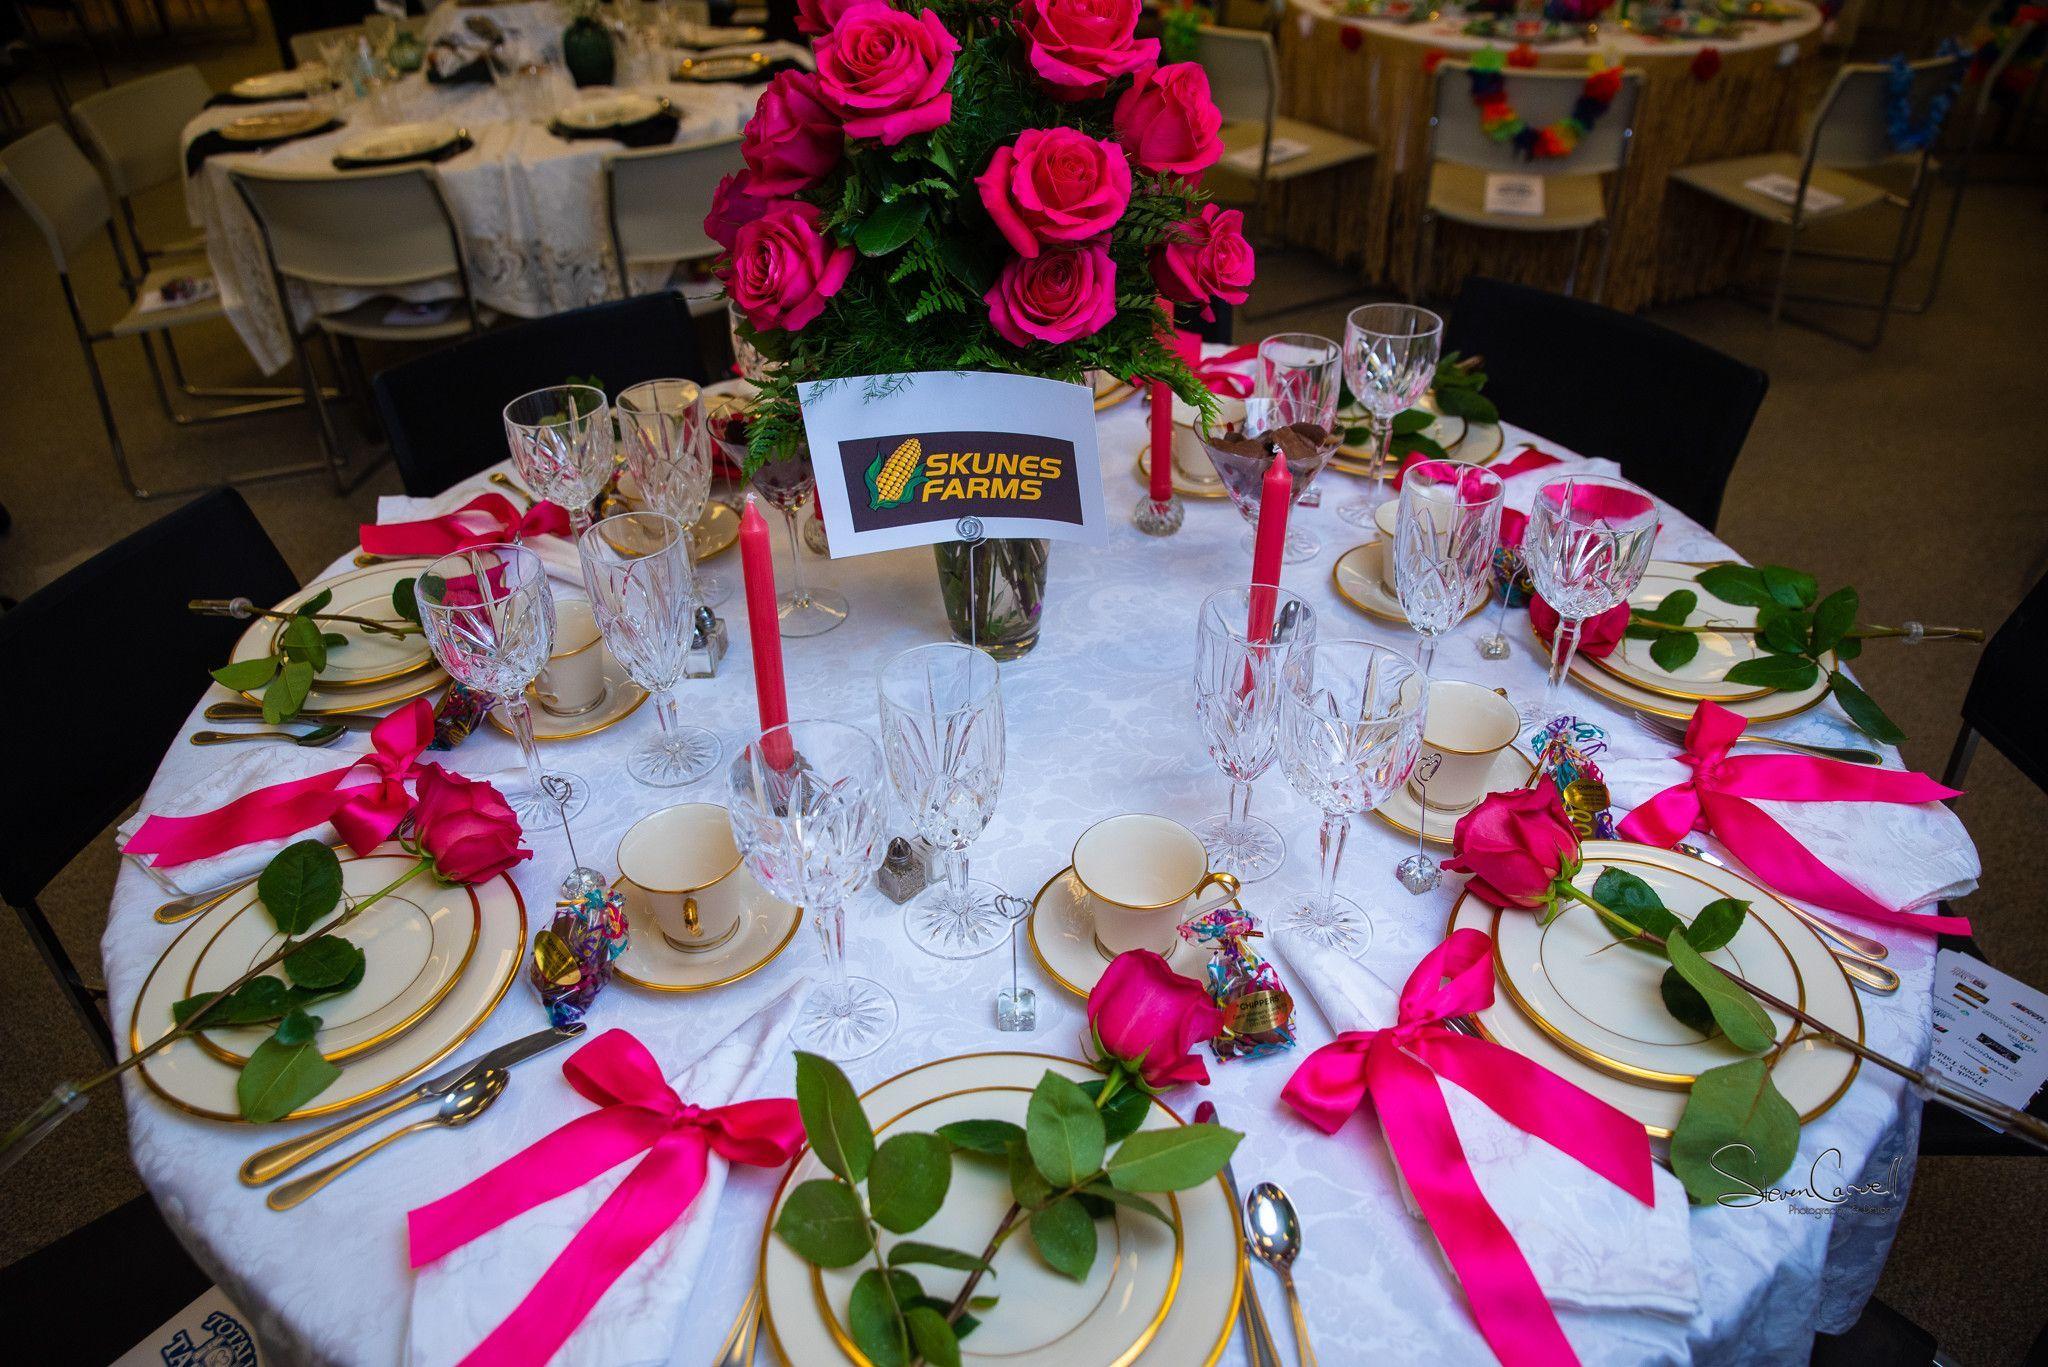 $1,000 sponsor - Skunes Farm - Hot! Hot! Hot! - Winner Most Elegant Table